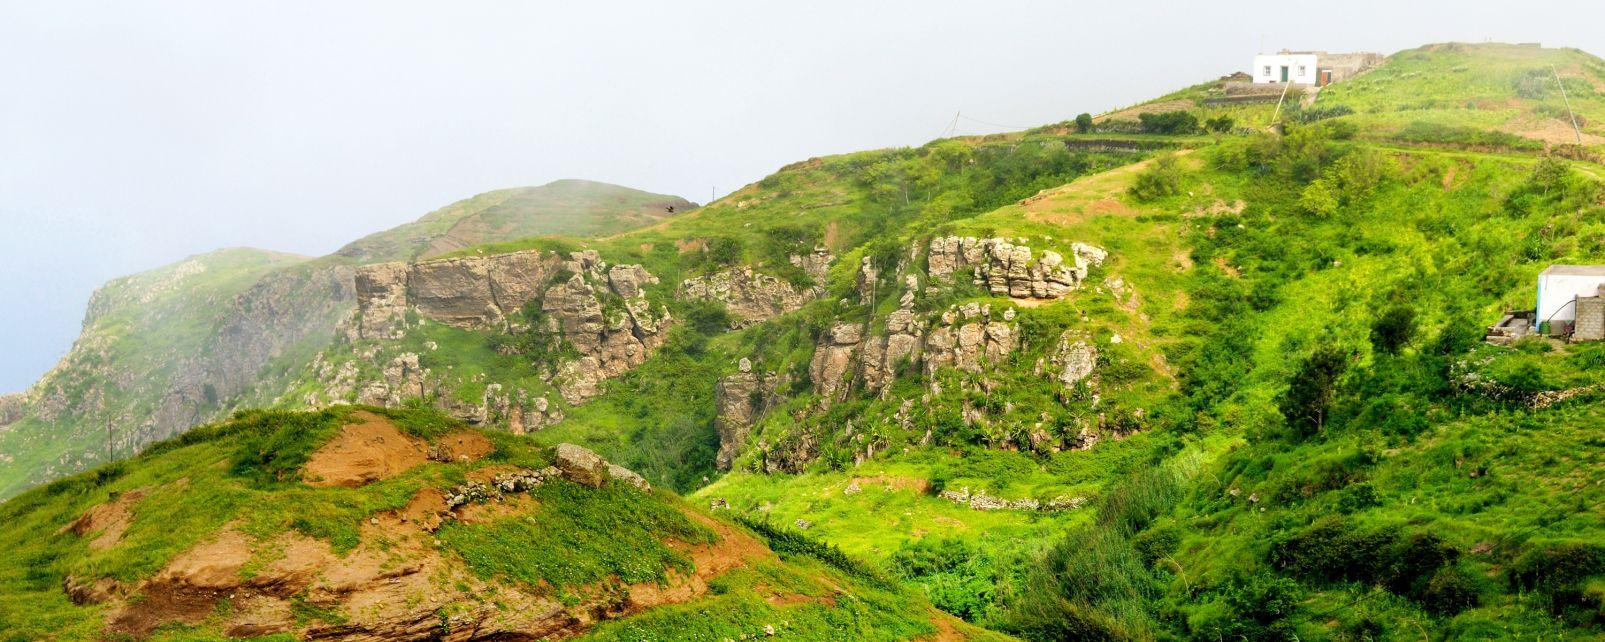 Les paysages, Brava, cap vert, afrique, atlantique, île, océan